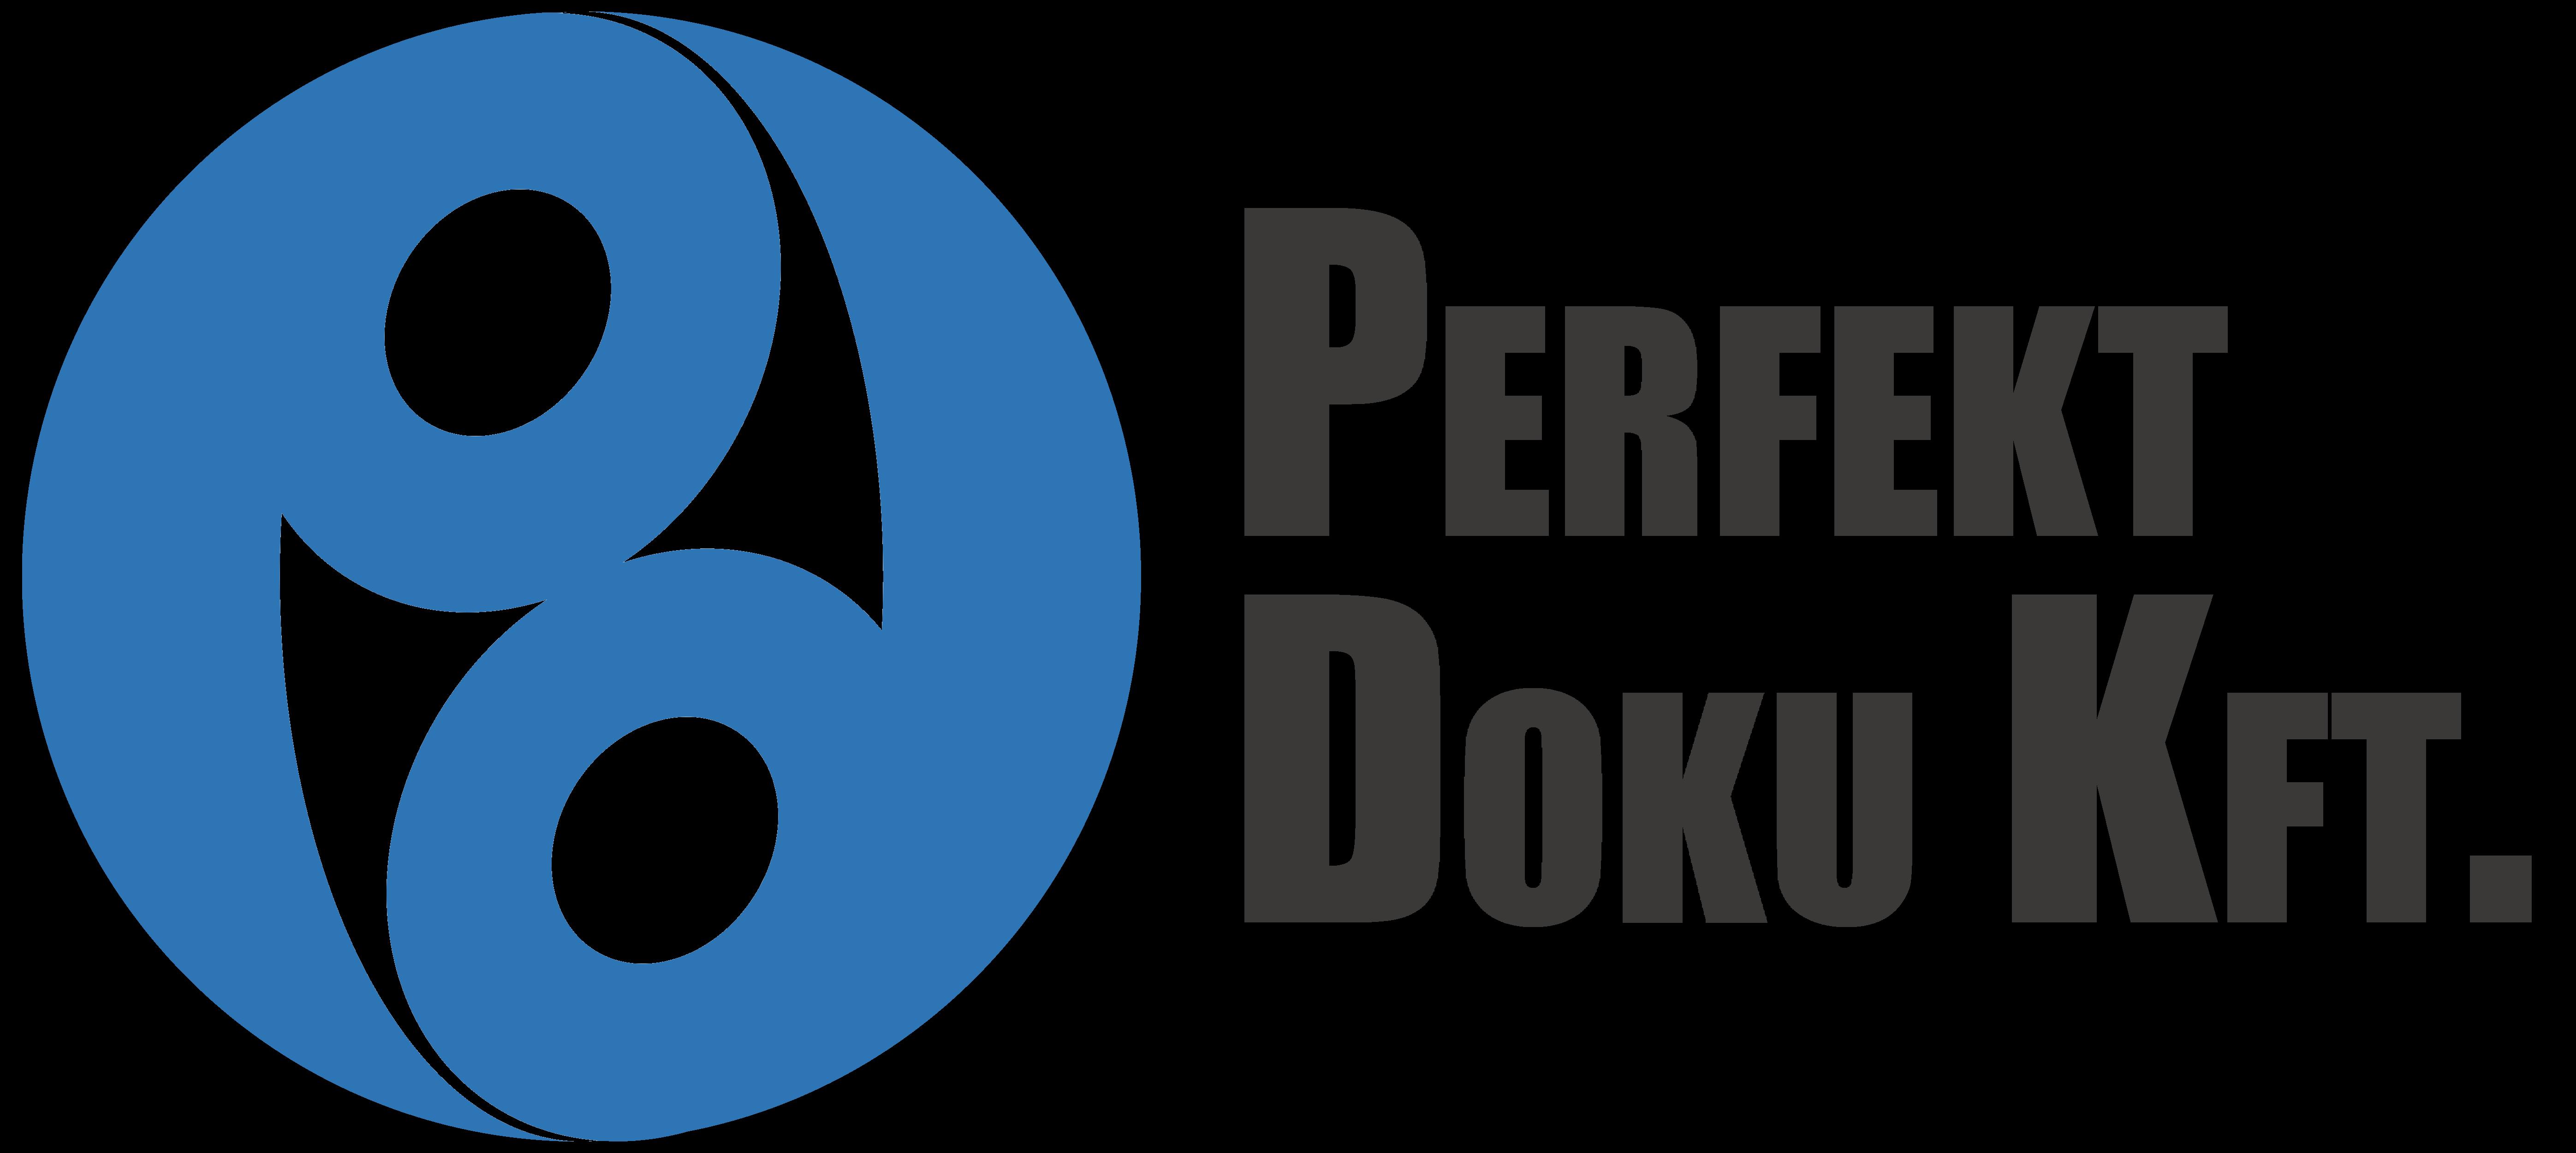 Üzleti, informatikai tanácsadás, digitalizáció Perfekt-Doku Kft.